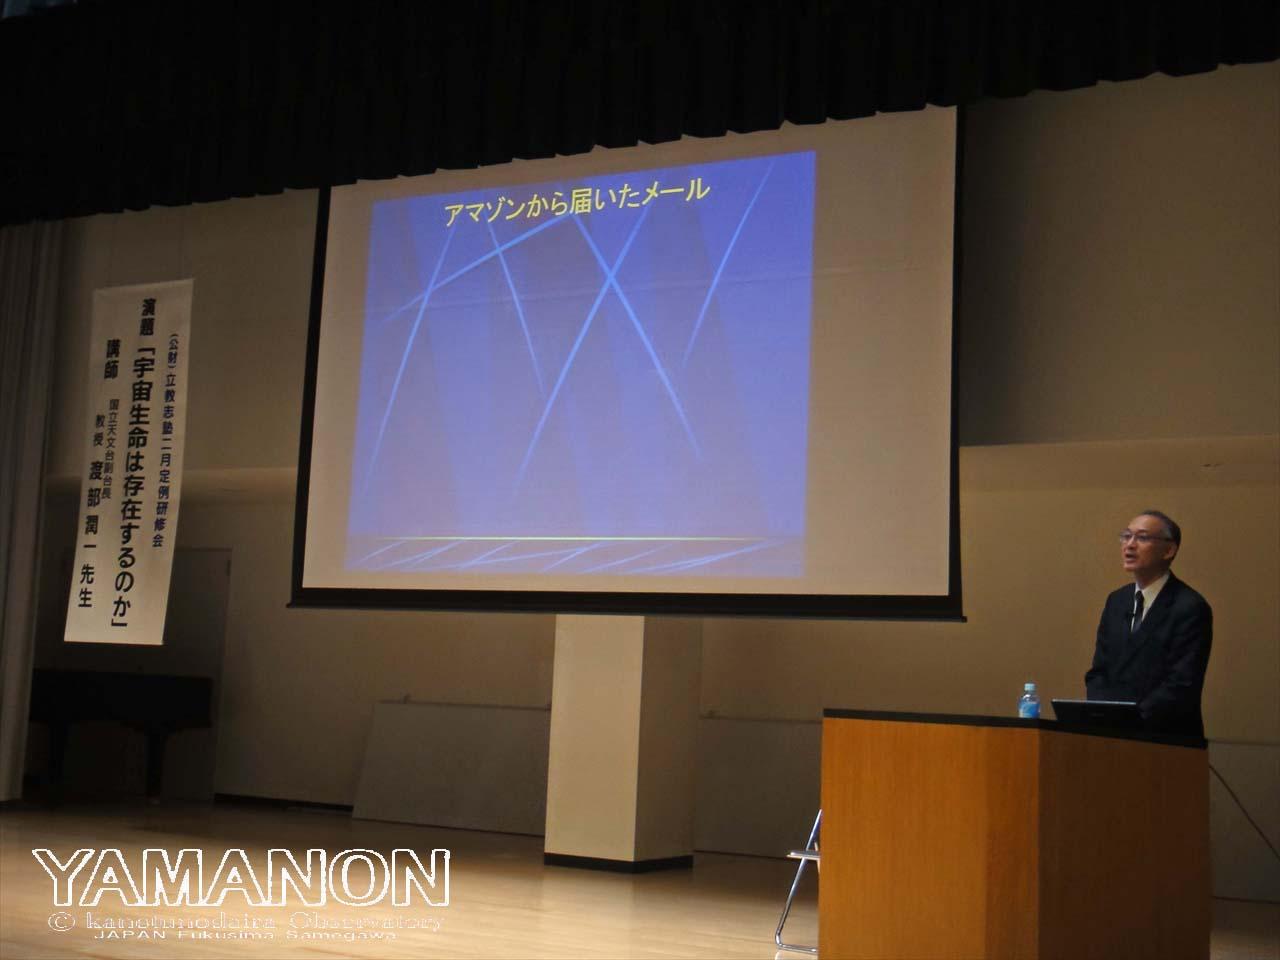 渡部潤一講演会「宇宙生命は存在するのか?」